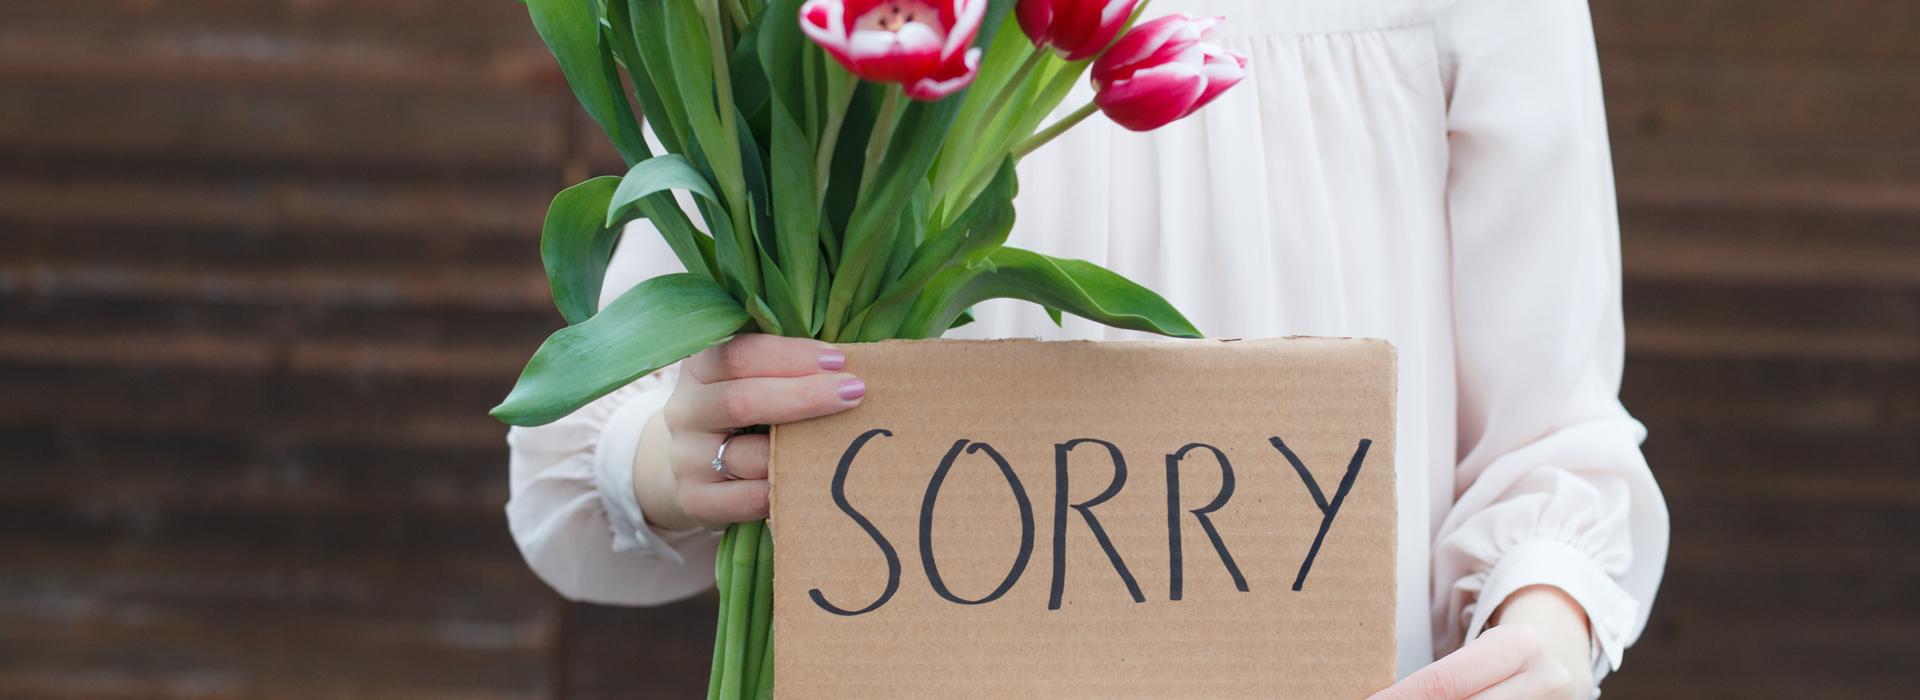 態度決定危機如何落幕,真誠道歉的5步驟